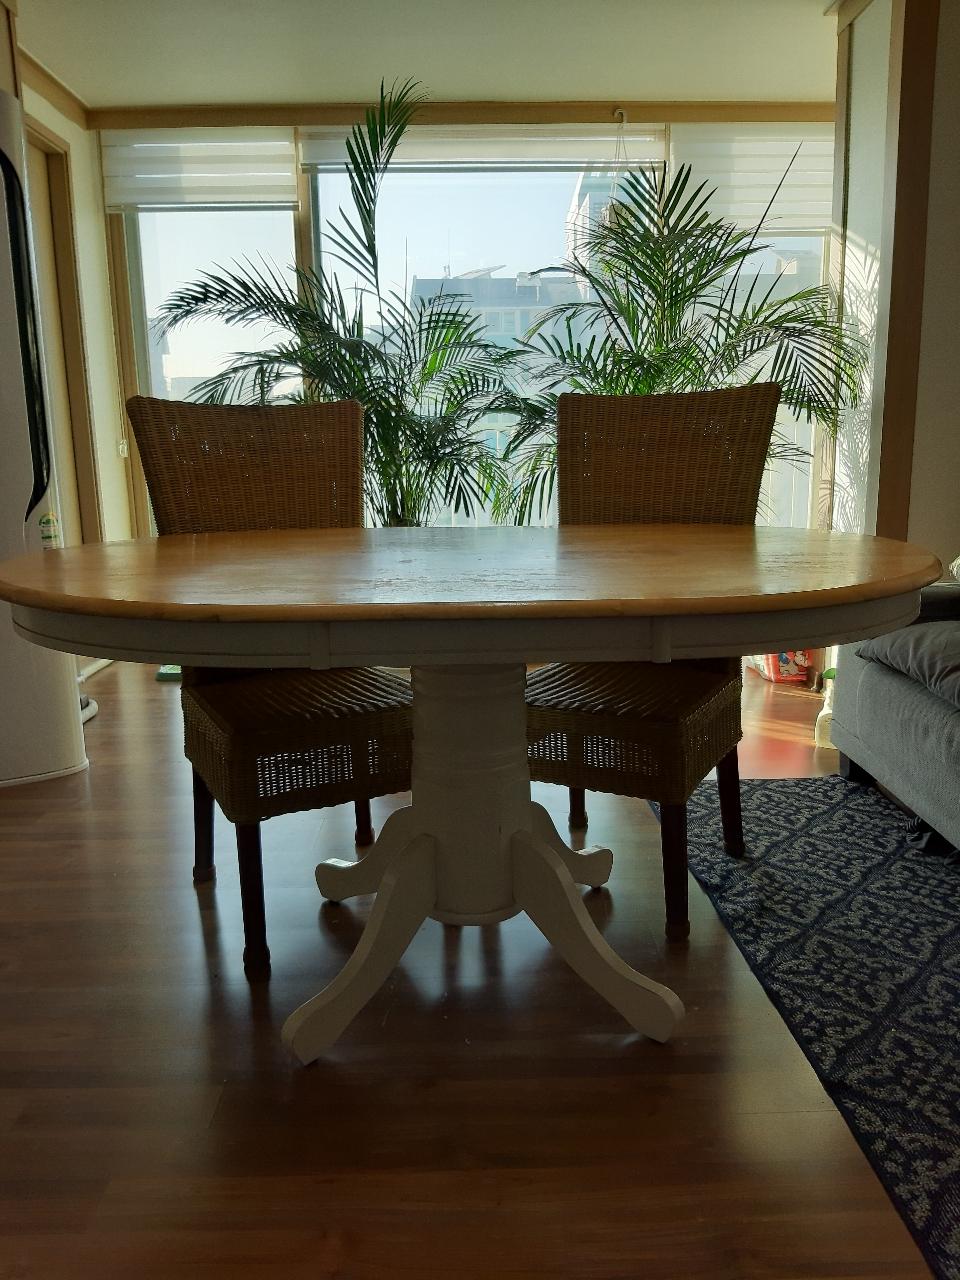 4인용 식탁 세트(원목식탁,라탄 의자)